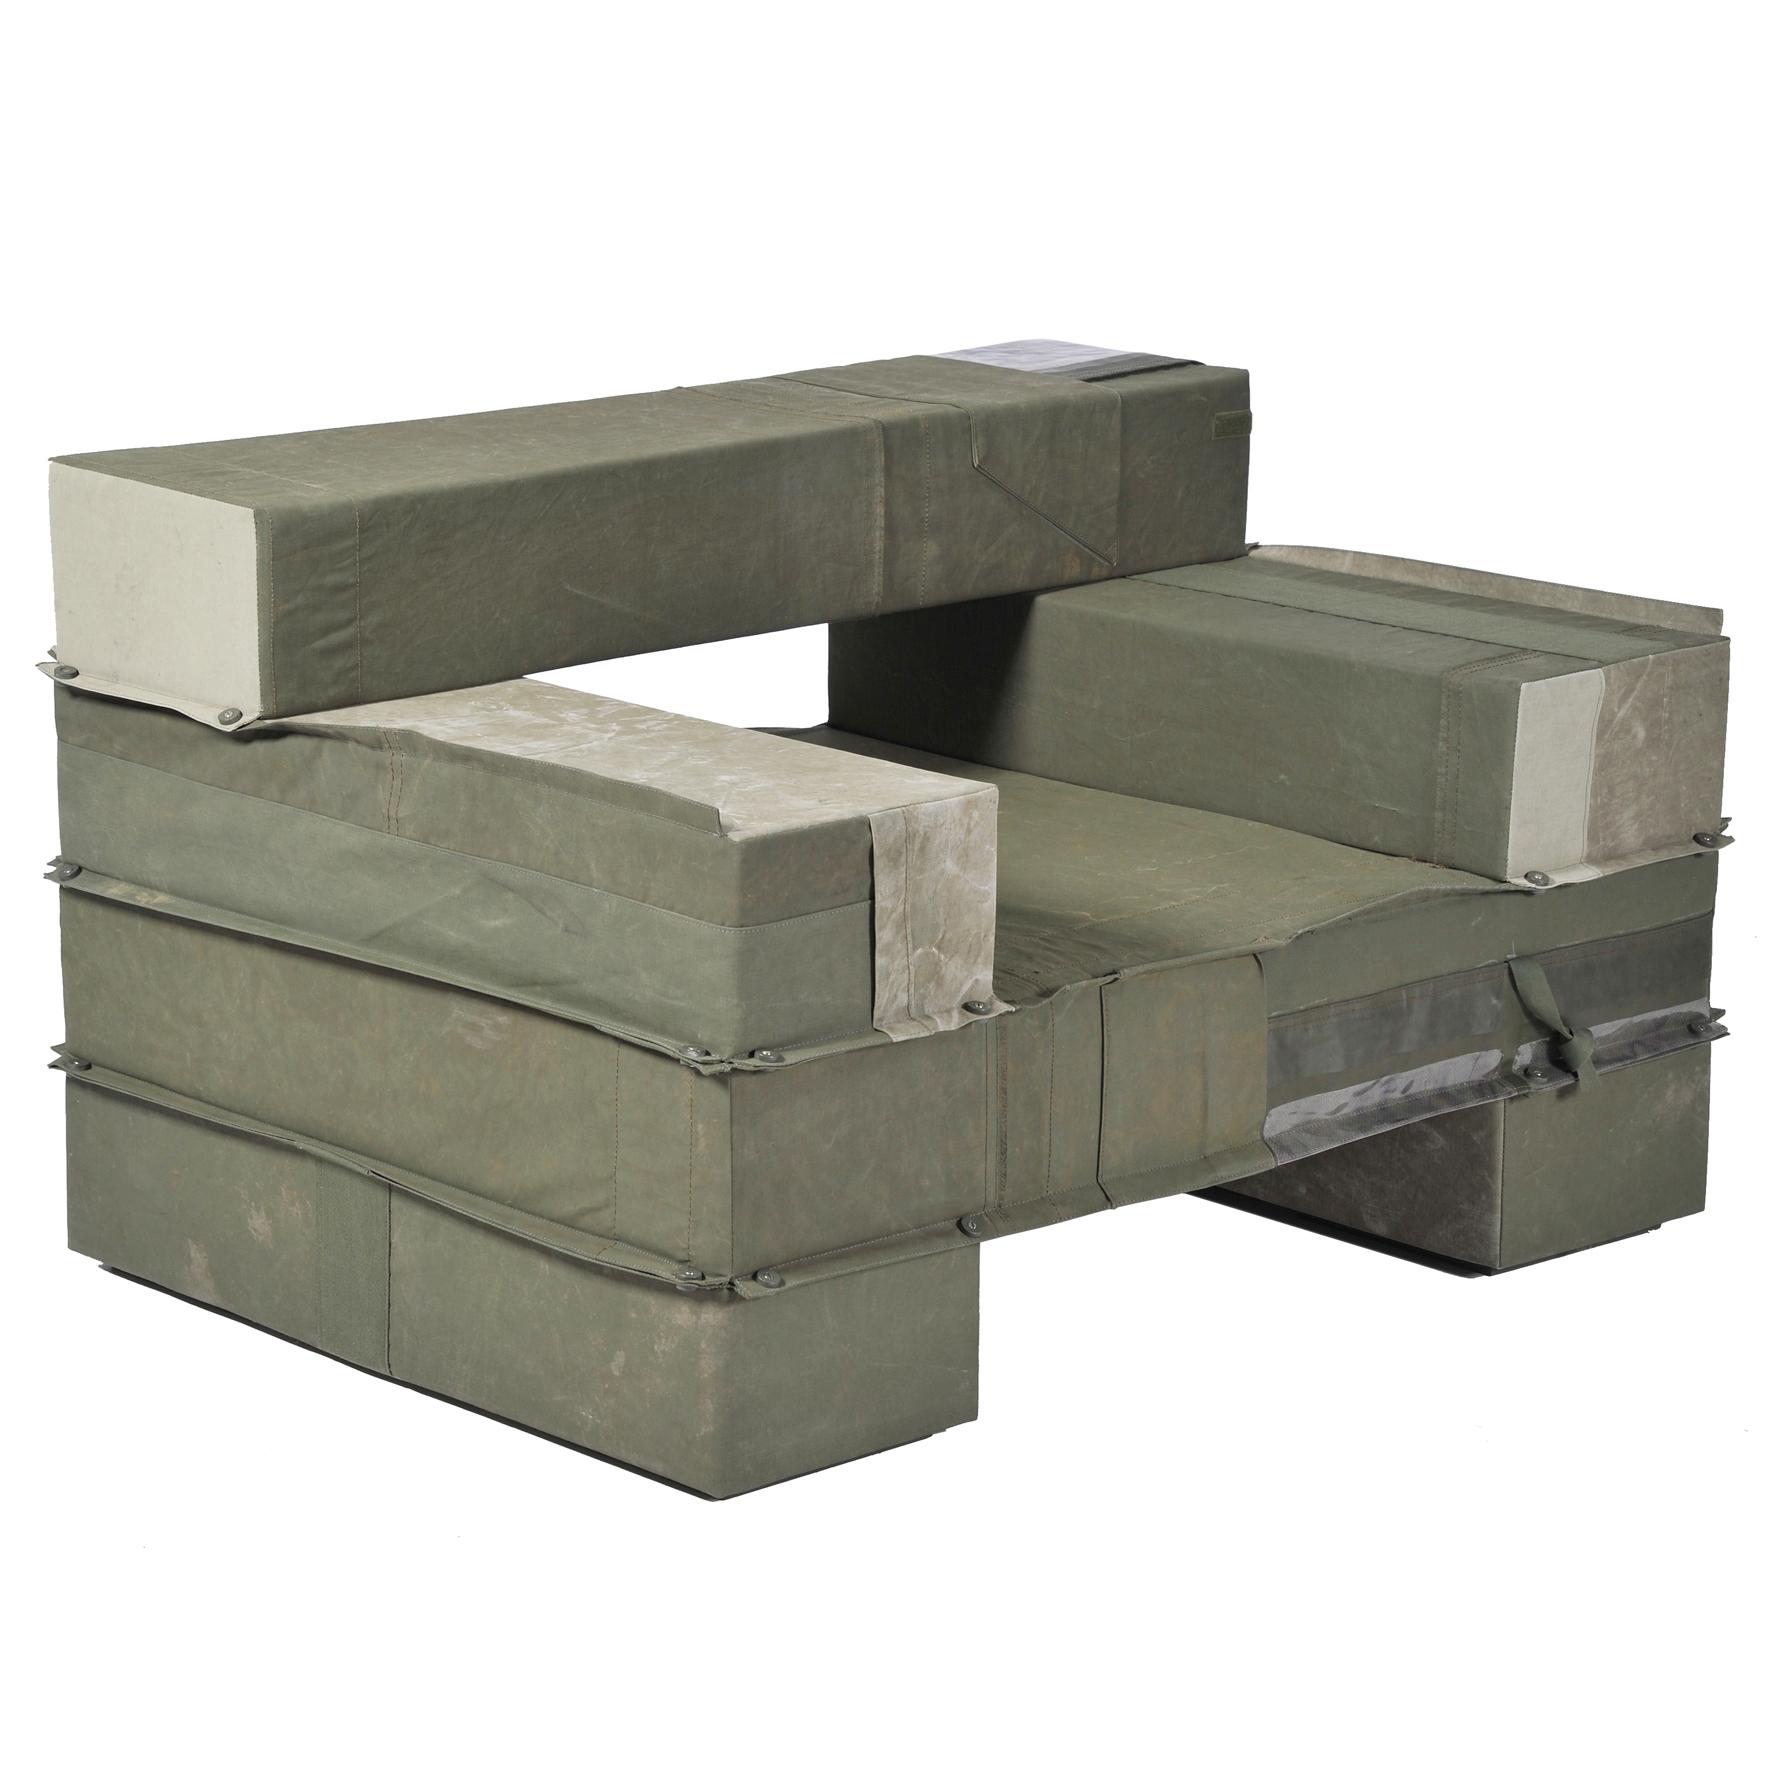 4310-enorme-gestoffeerde-balken-fauteuil-legerstof-04